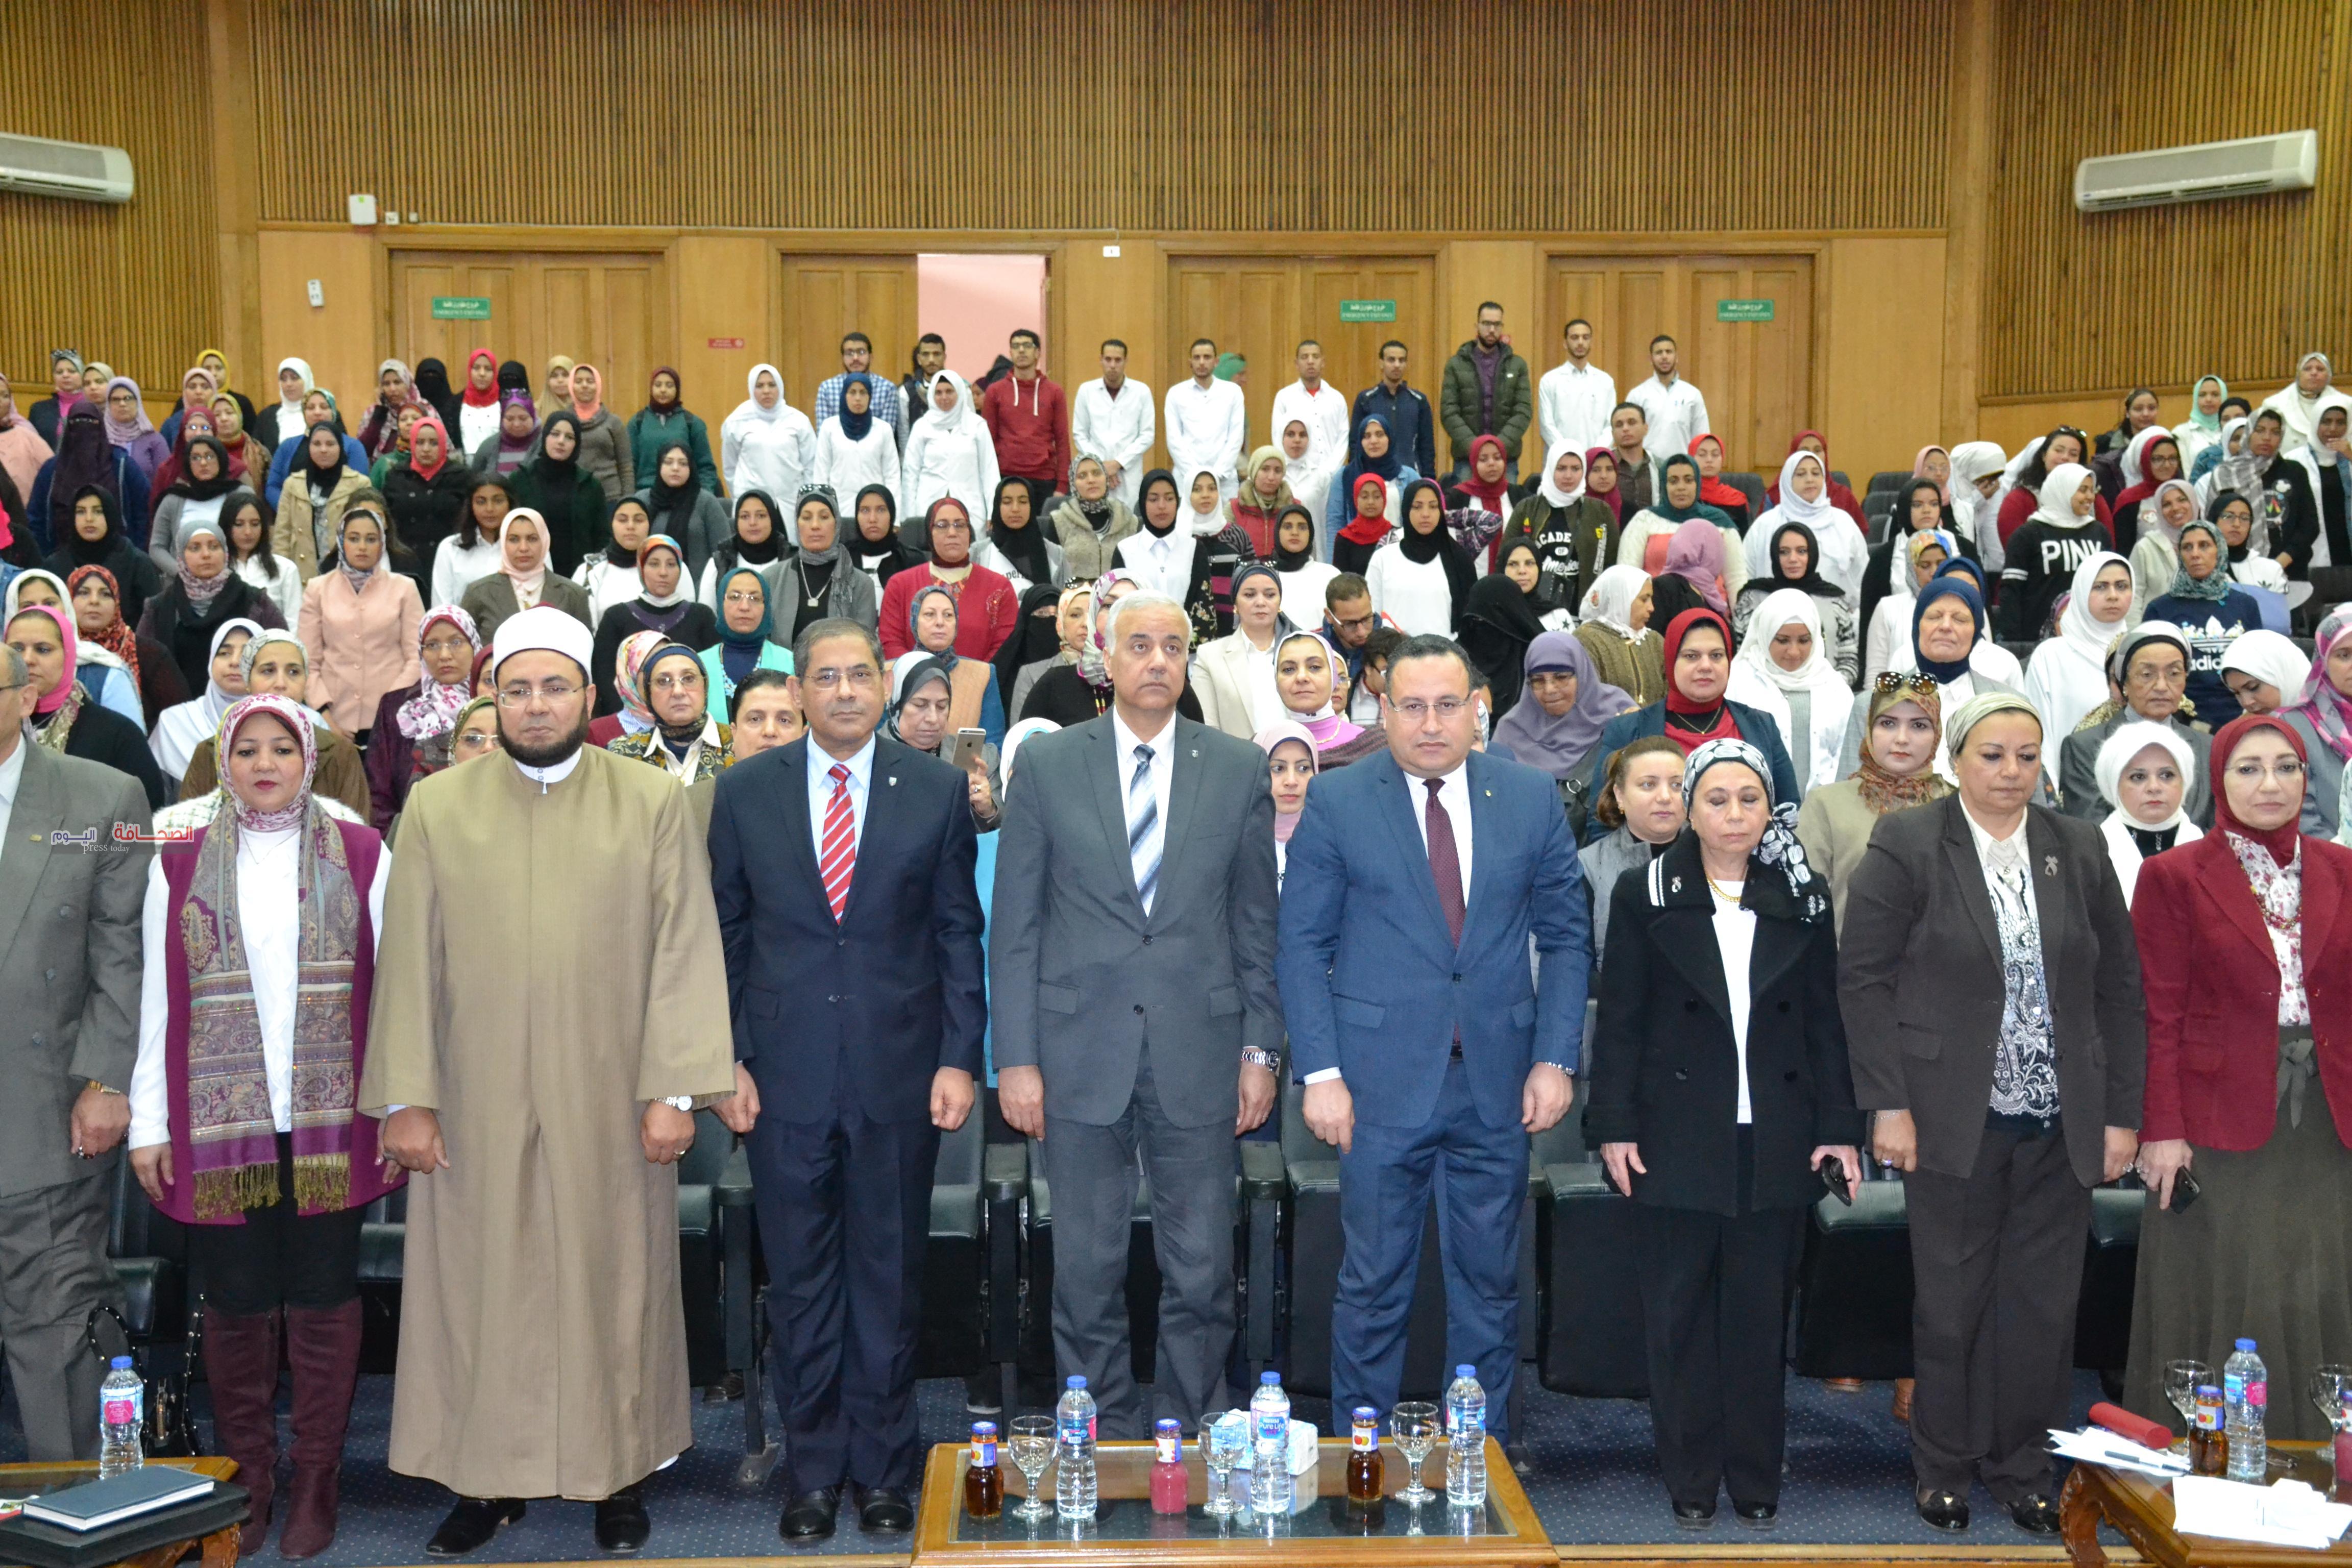 جامعة الاسكندرية تشهد احتفالية المراة المصرية فى 100 عام